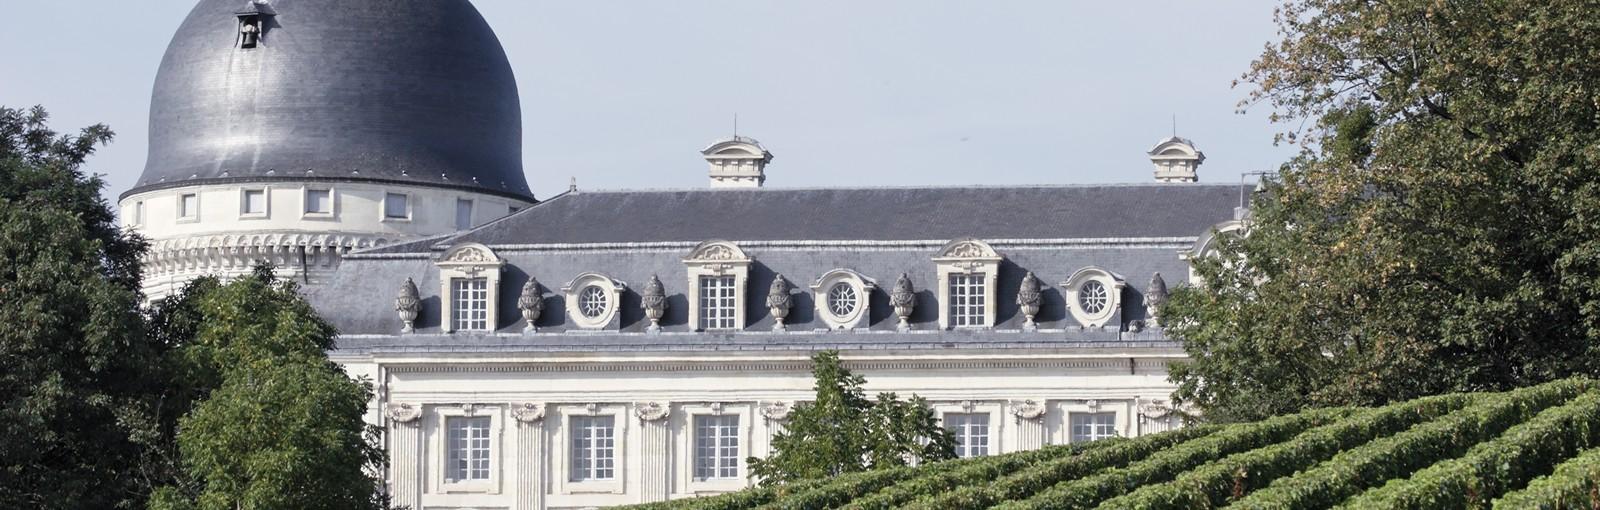 Tours Paris – Champagne - Burgundy – Berry – Loire Valley - Paris - Multi-régional - Circuitos desde Paris